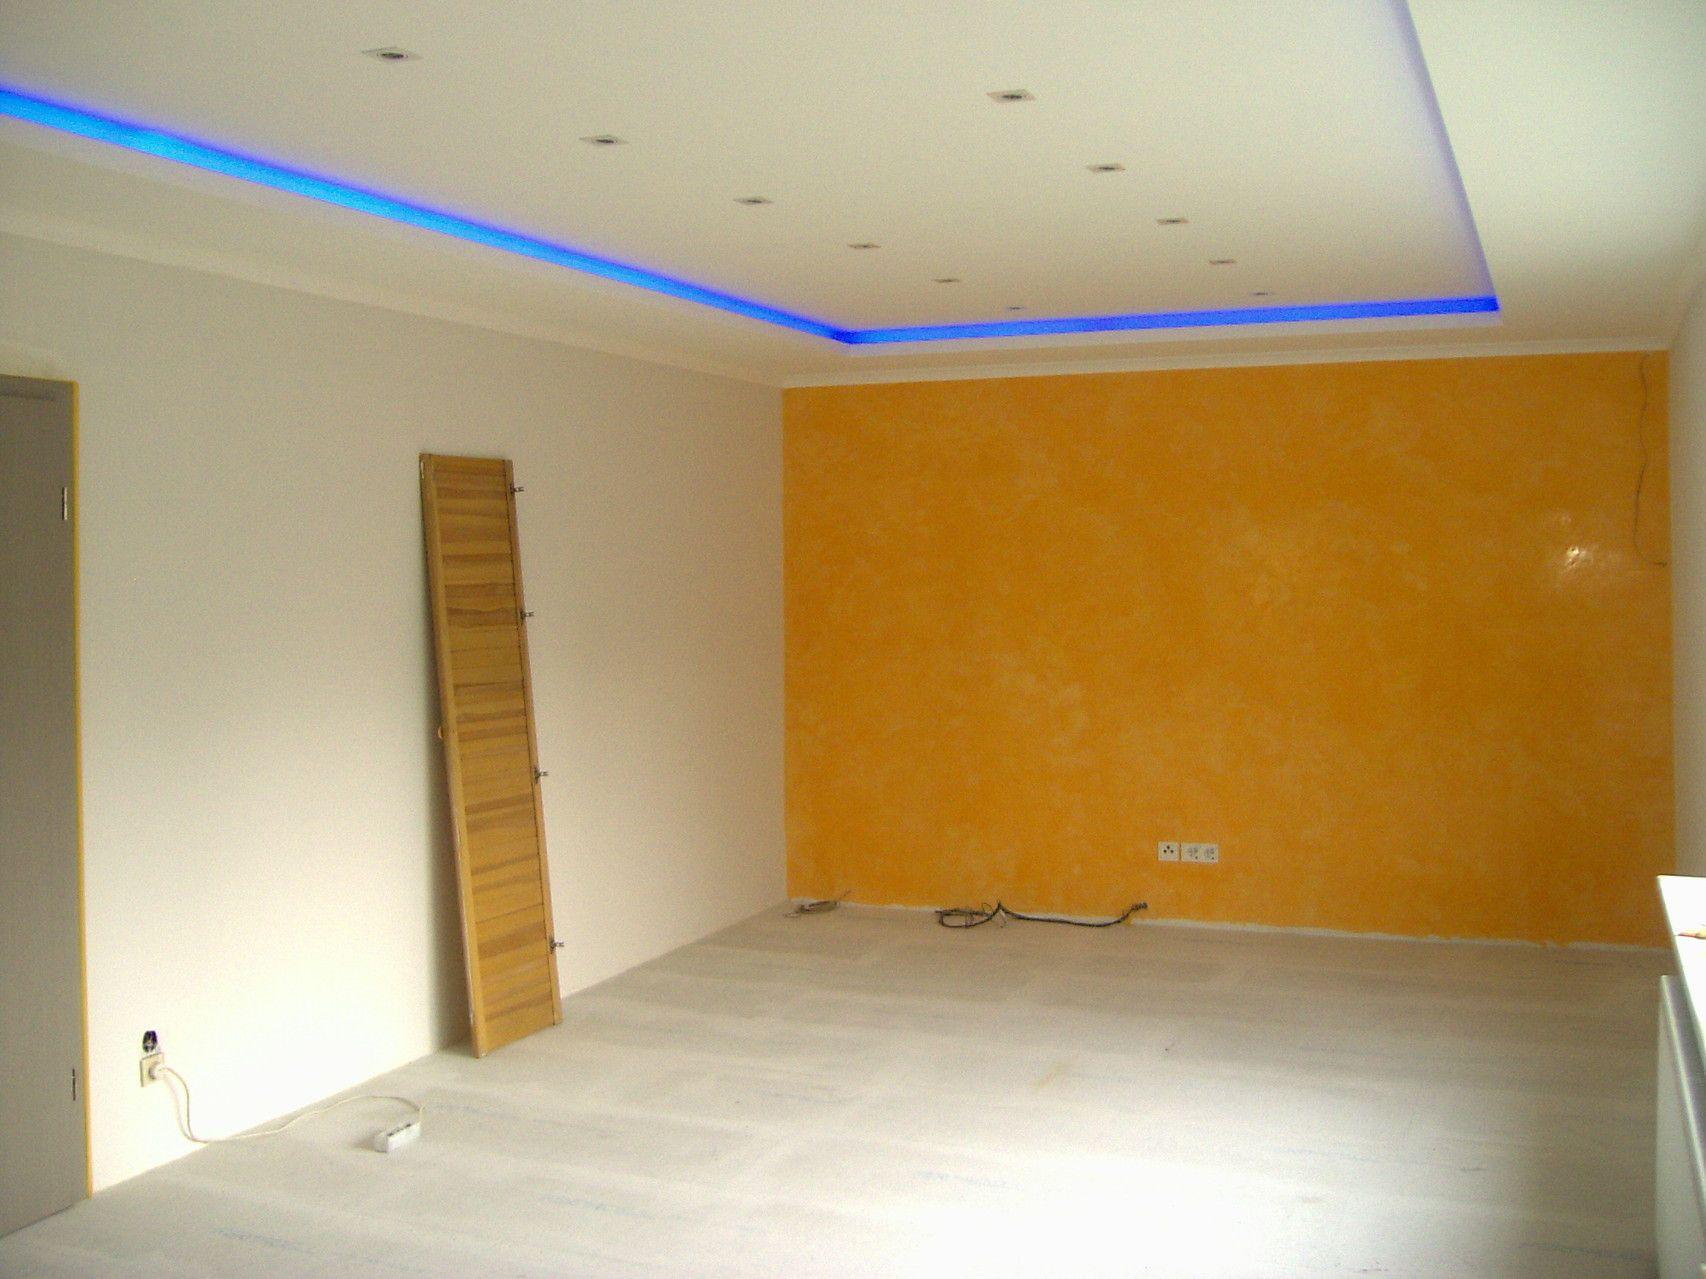 indirekte beleuchtung mit farbigen lampen stuck zierprofile und beleuchtung pinterest. Black Bedroom Furniture Sets. Home Design Ideas